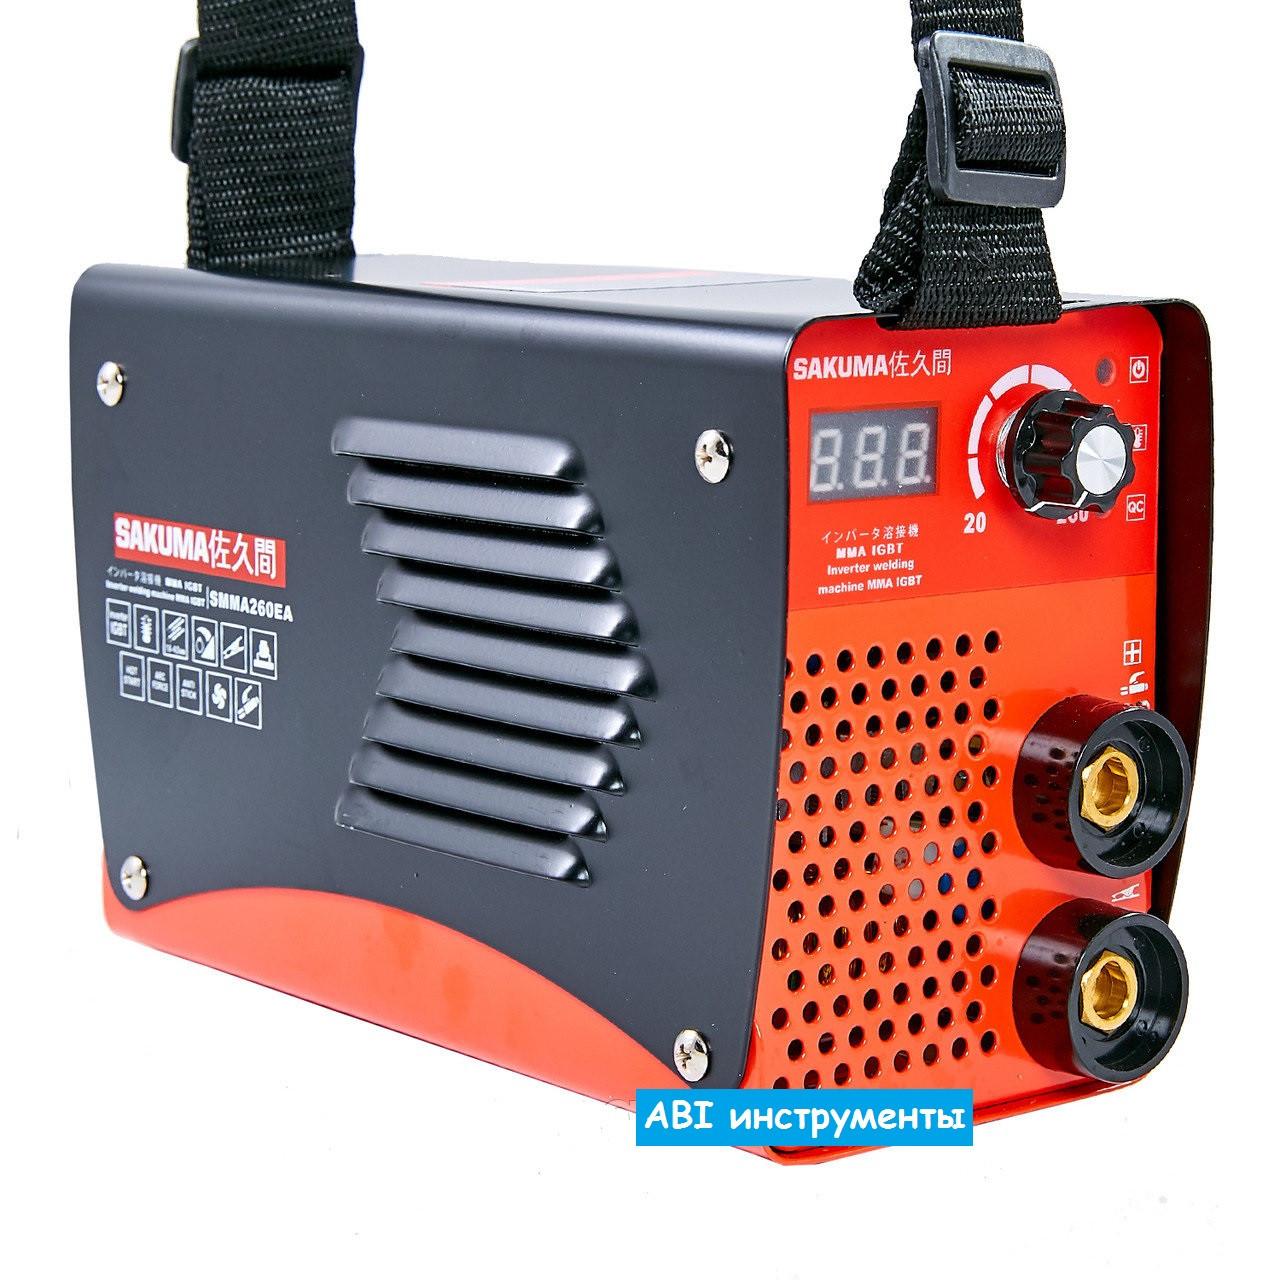 Сварочный инвертор Sakuma SMMA260EA (260 А + цифровой дисплей)